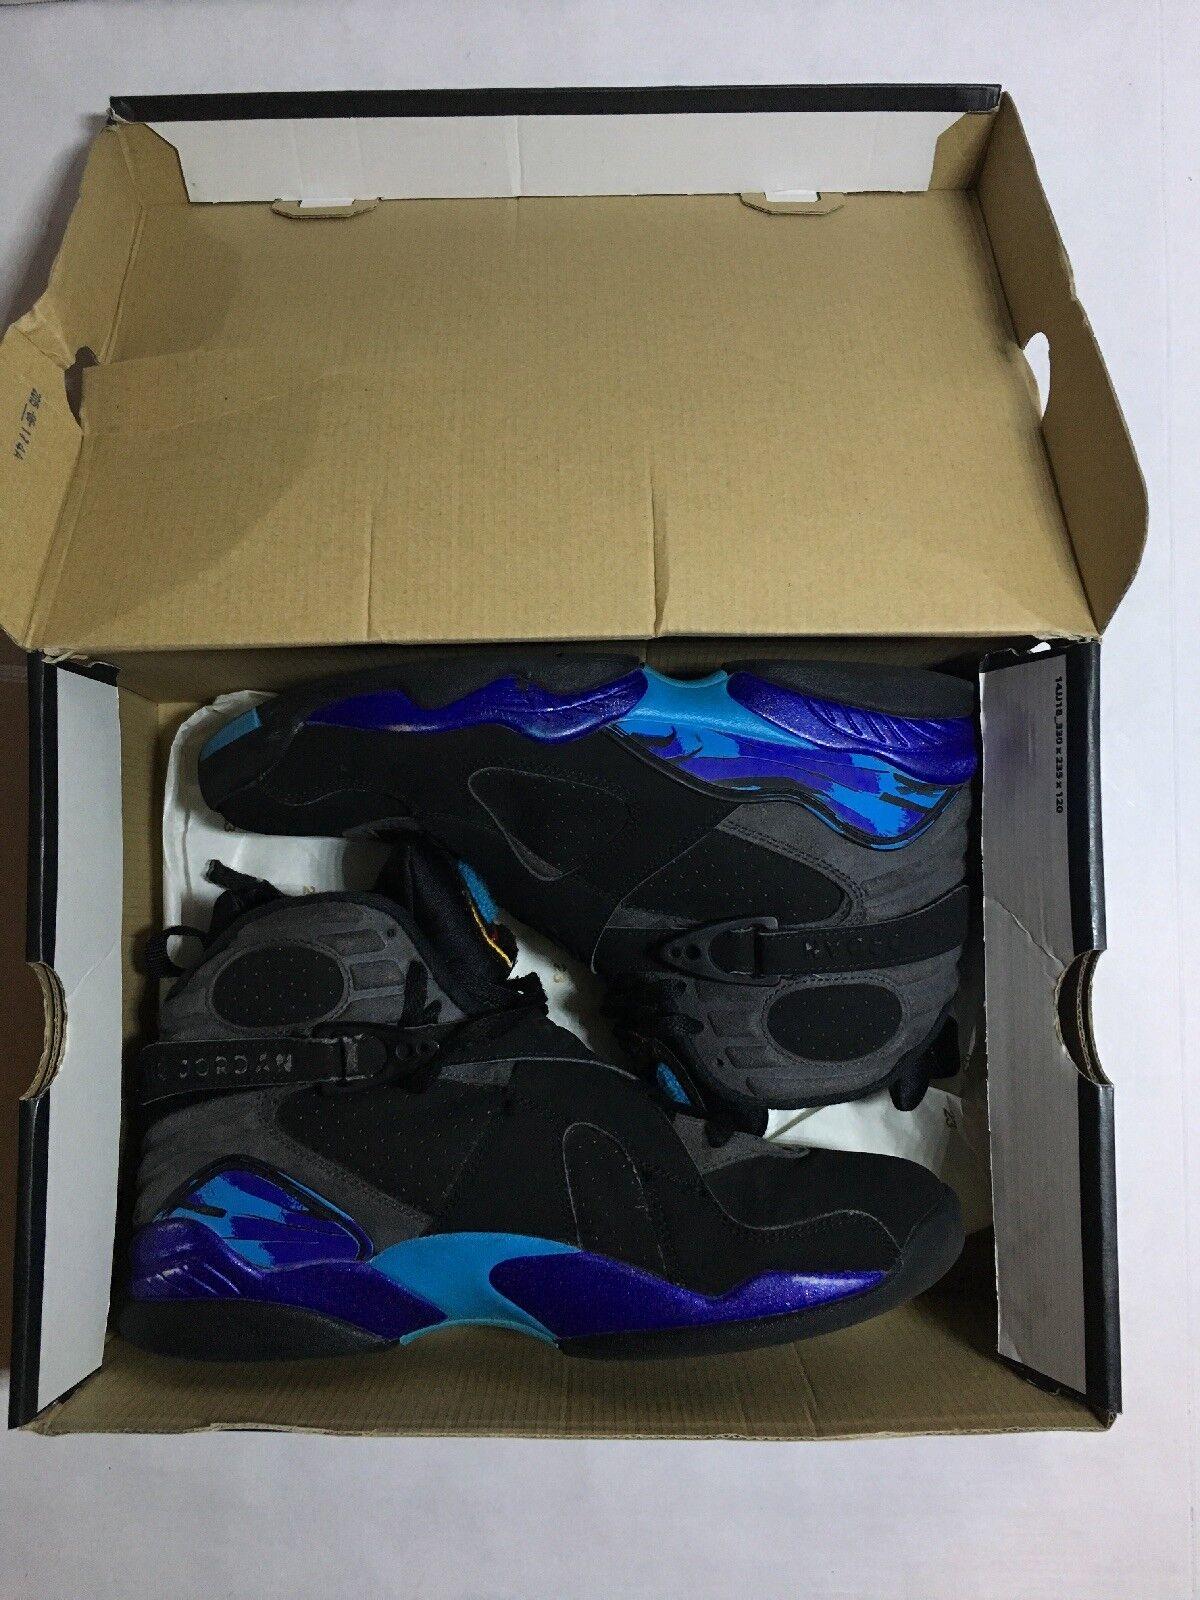 Nike Air Jordan Retro 8 Aqua 8,5 2015 Misura 8,5 Aqua Autentico Con Box ee2793